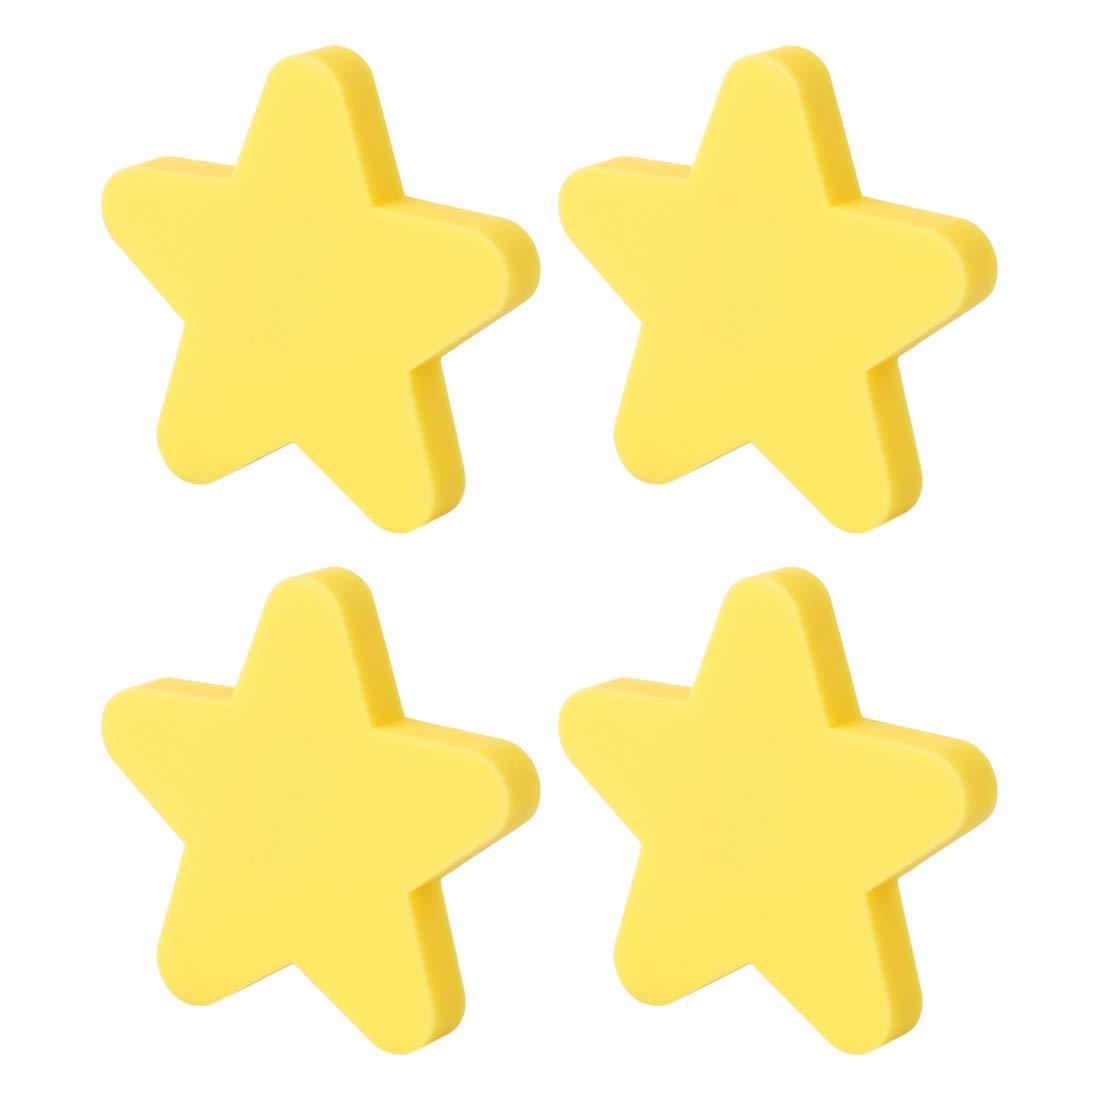 Batop Lot de 4 Boutons de Meuble Enfant Bouton de Porte en Forme de /Étoile Mignon Poignee de Meuble pour Tiroir Armoire et Placard D/écoration